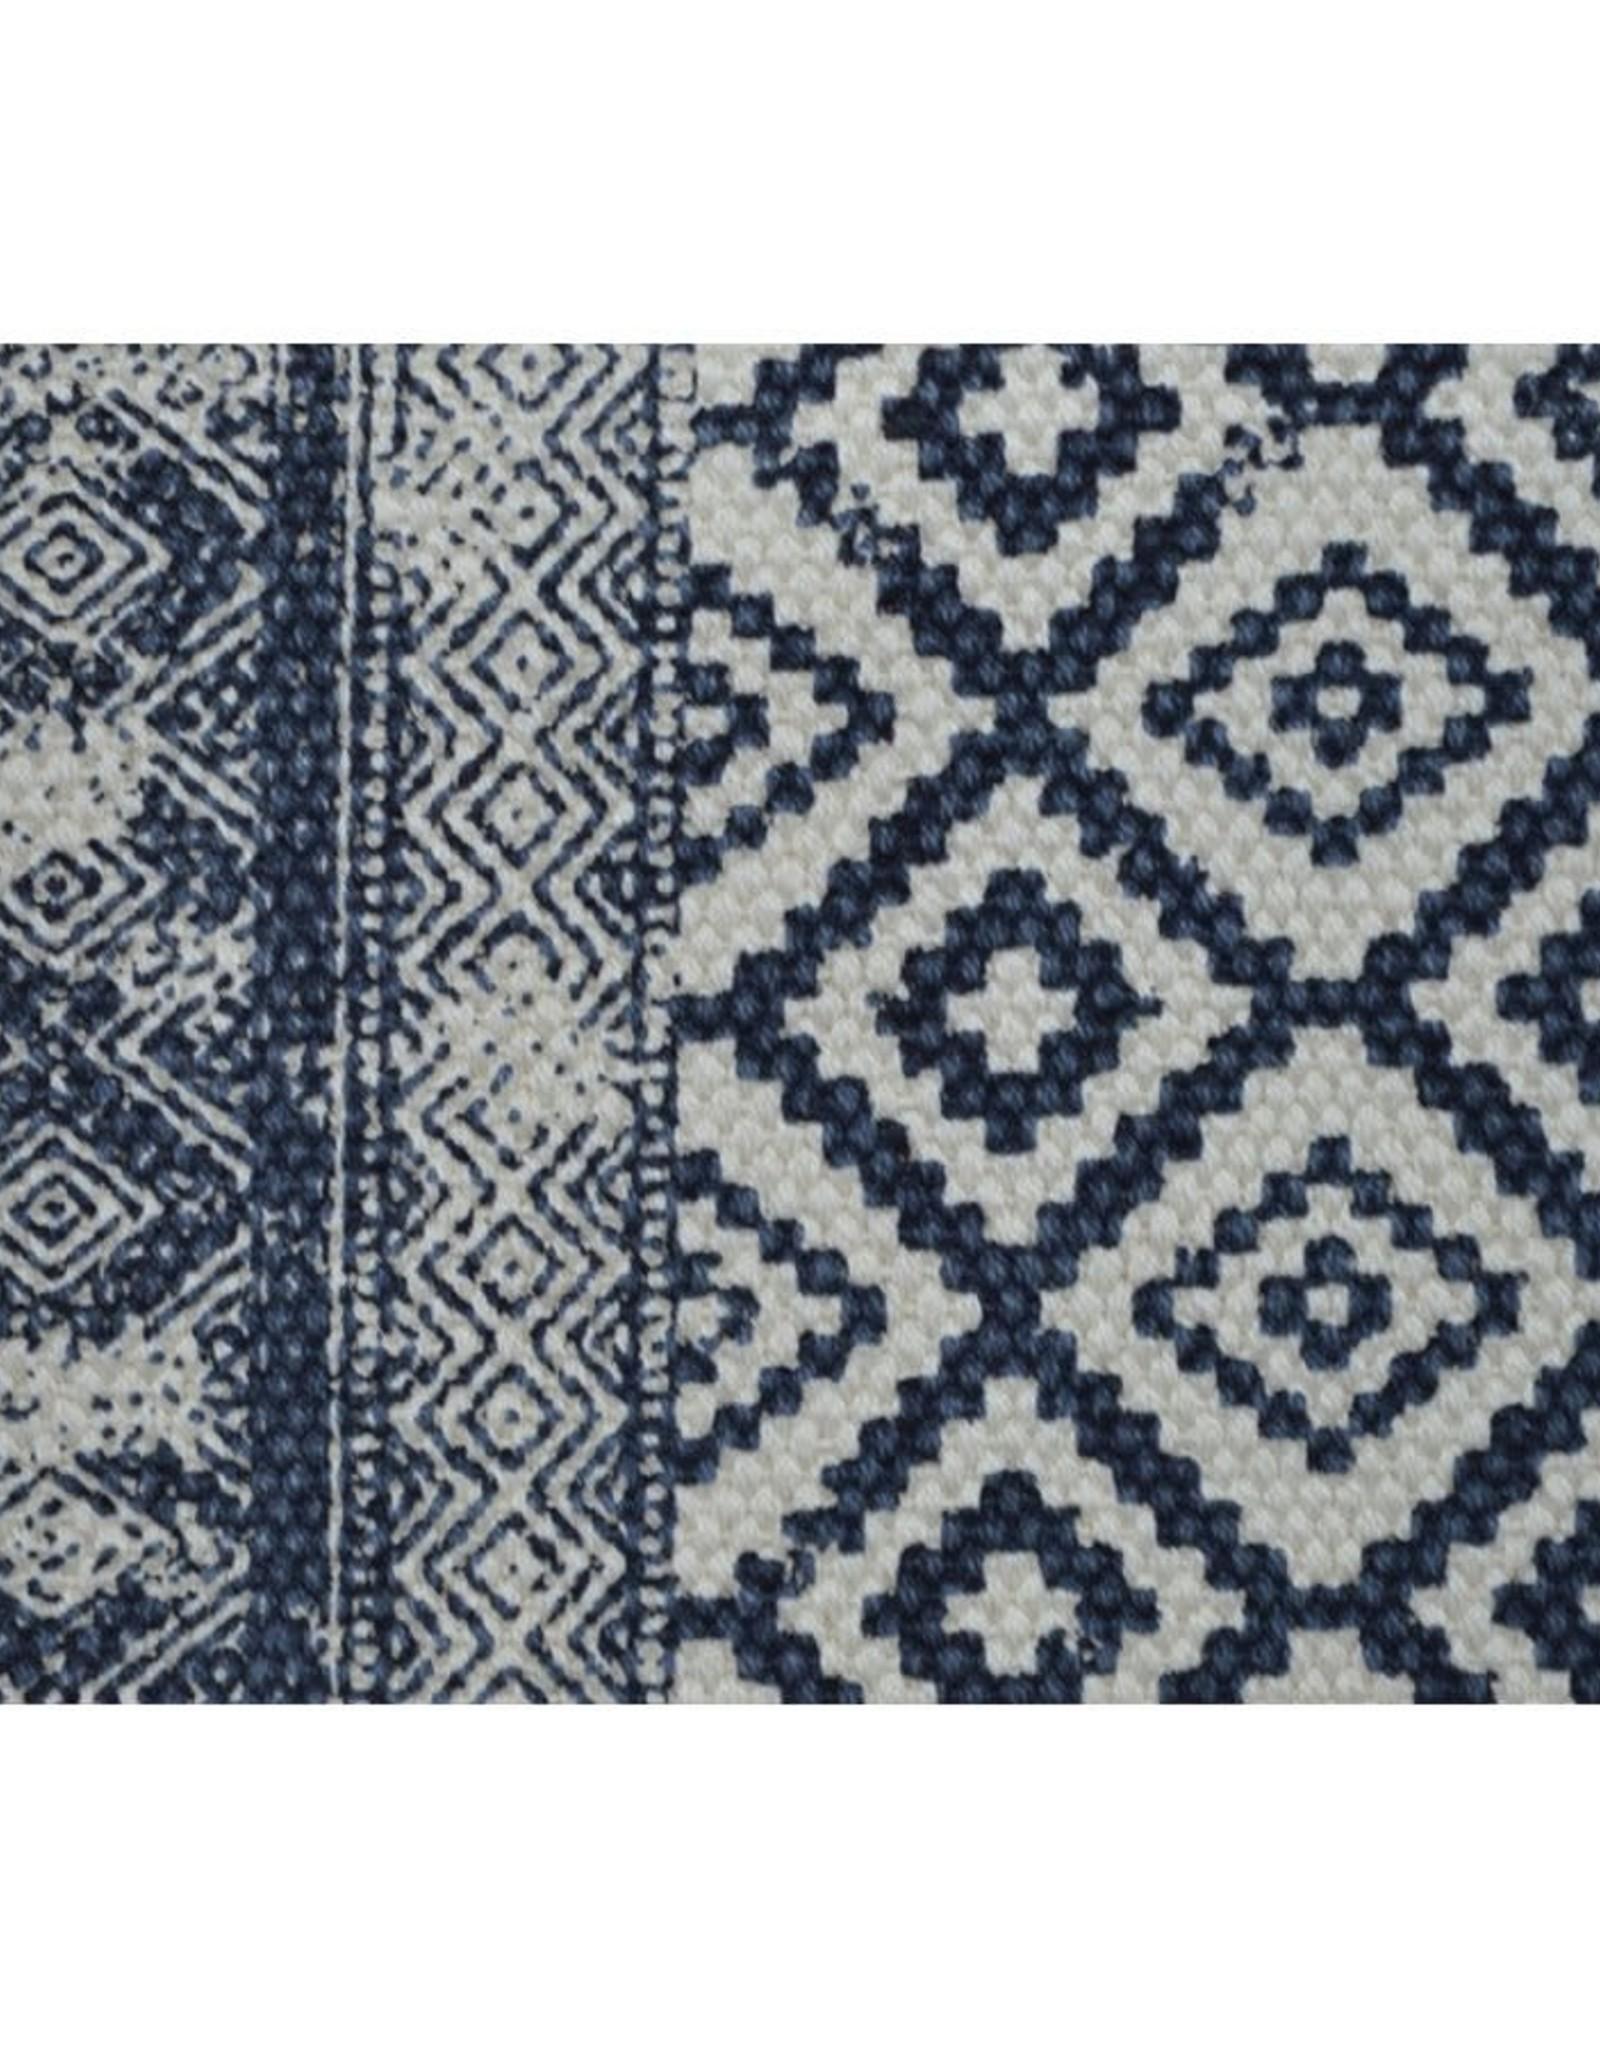 Tapis 3x5 - Slavia bleu naturel